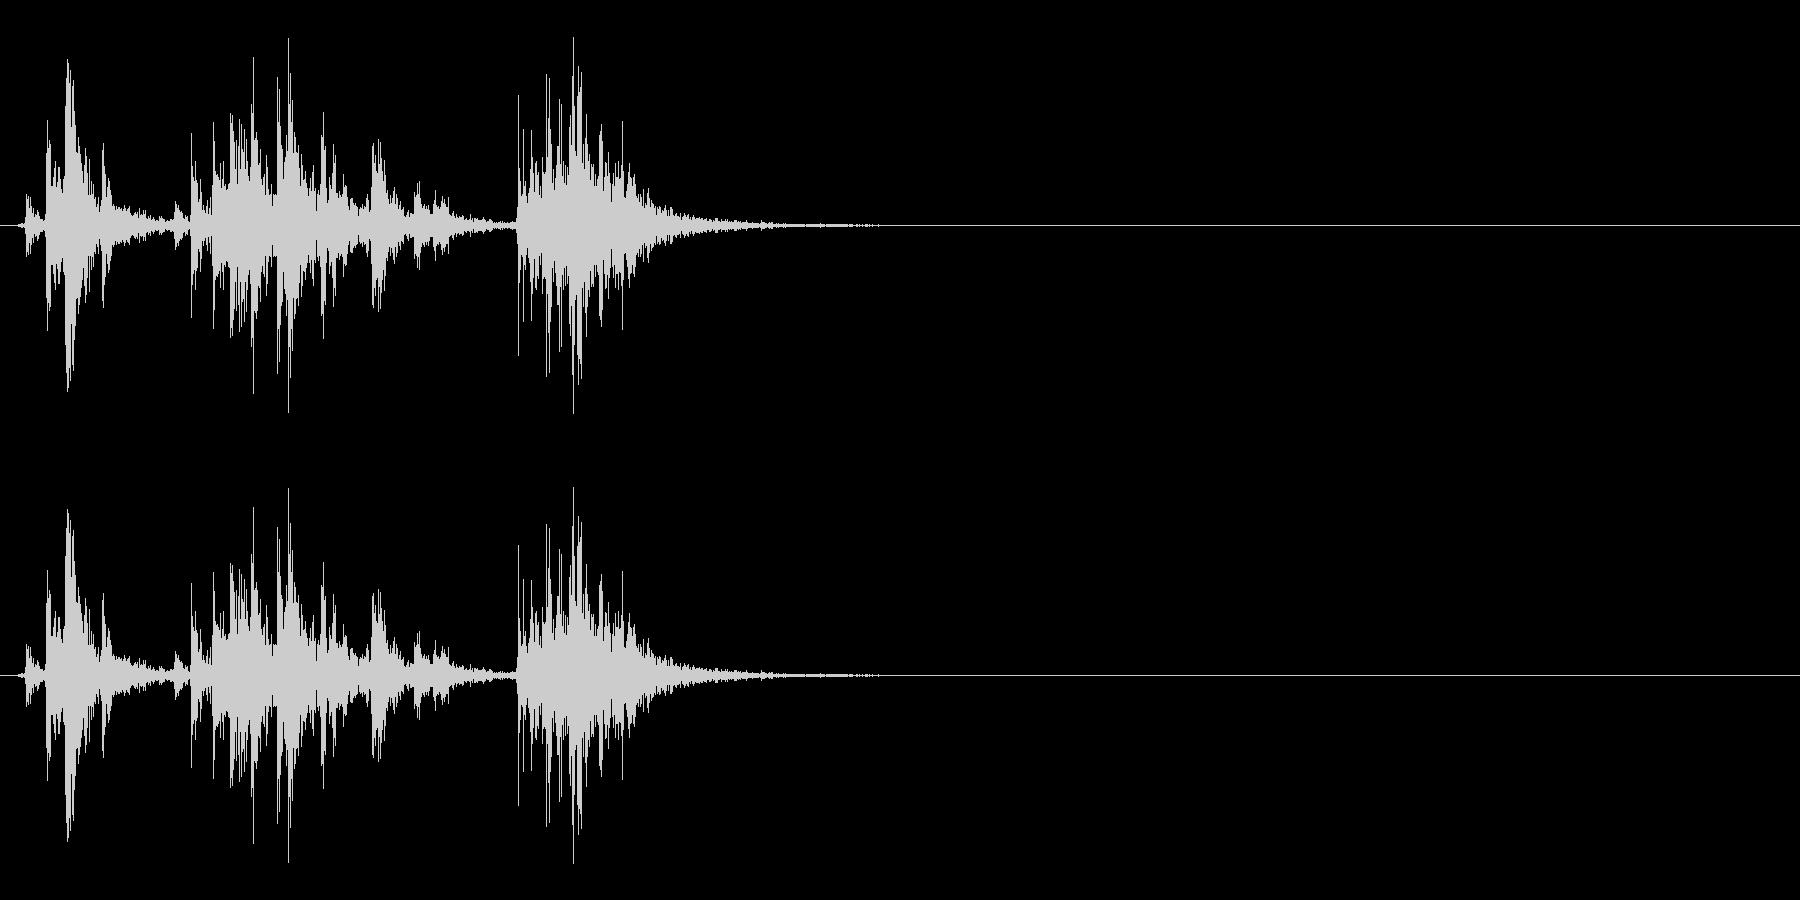 アタッシュケースの留め具を開ける音の未再生の波形